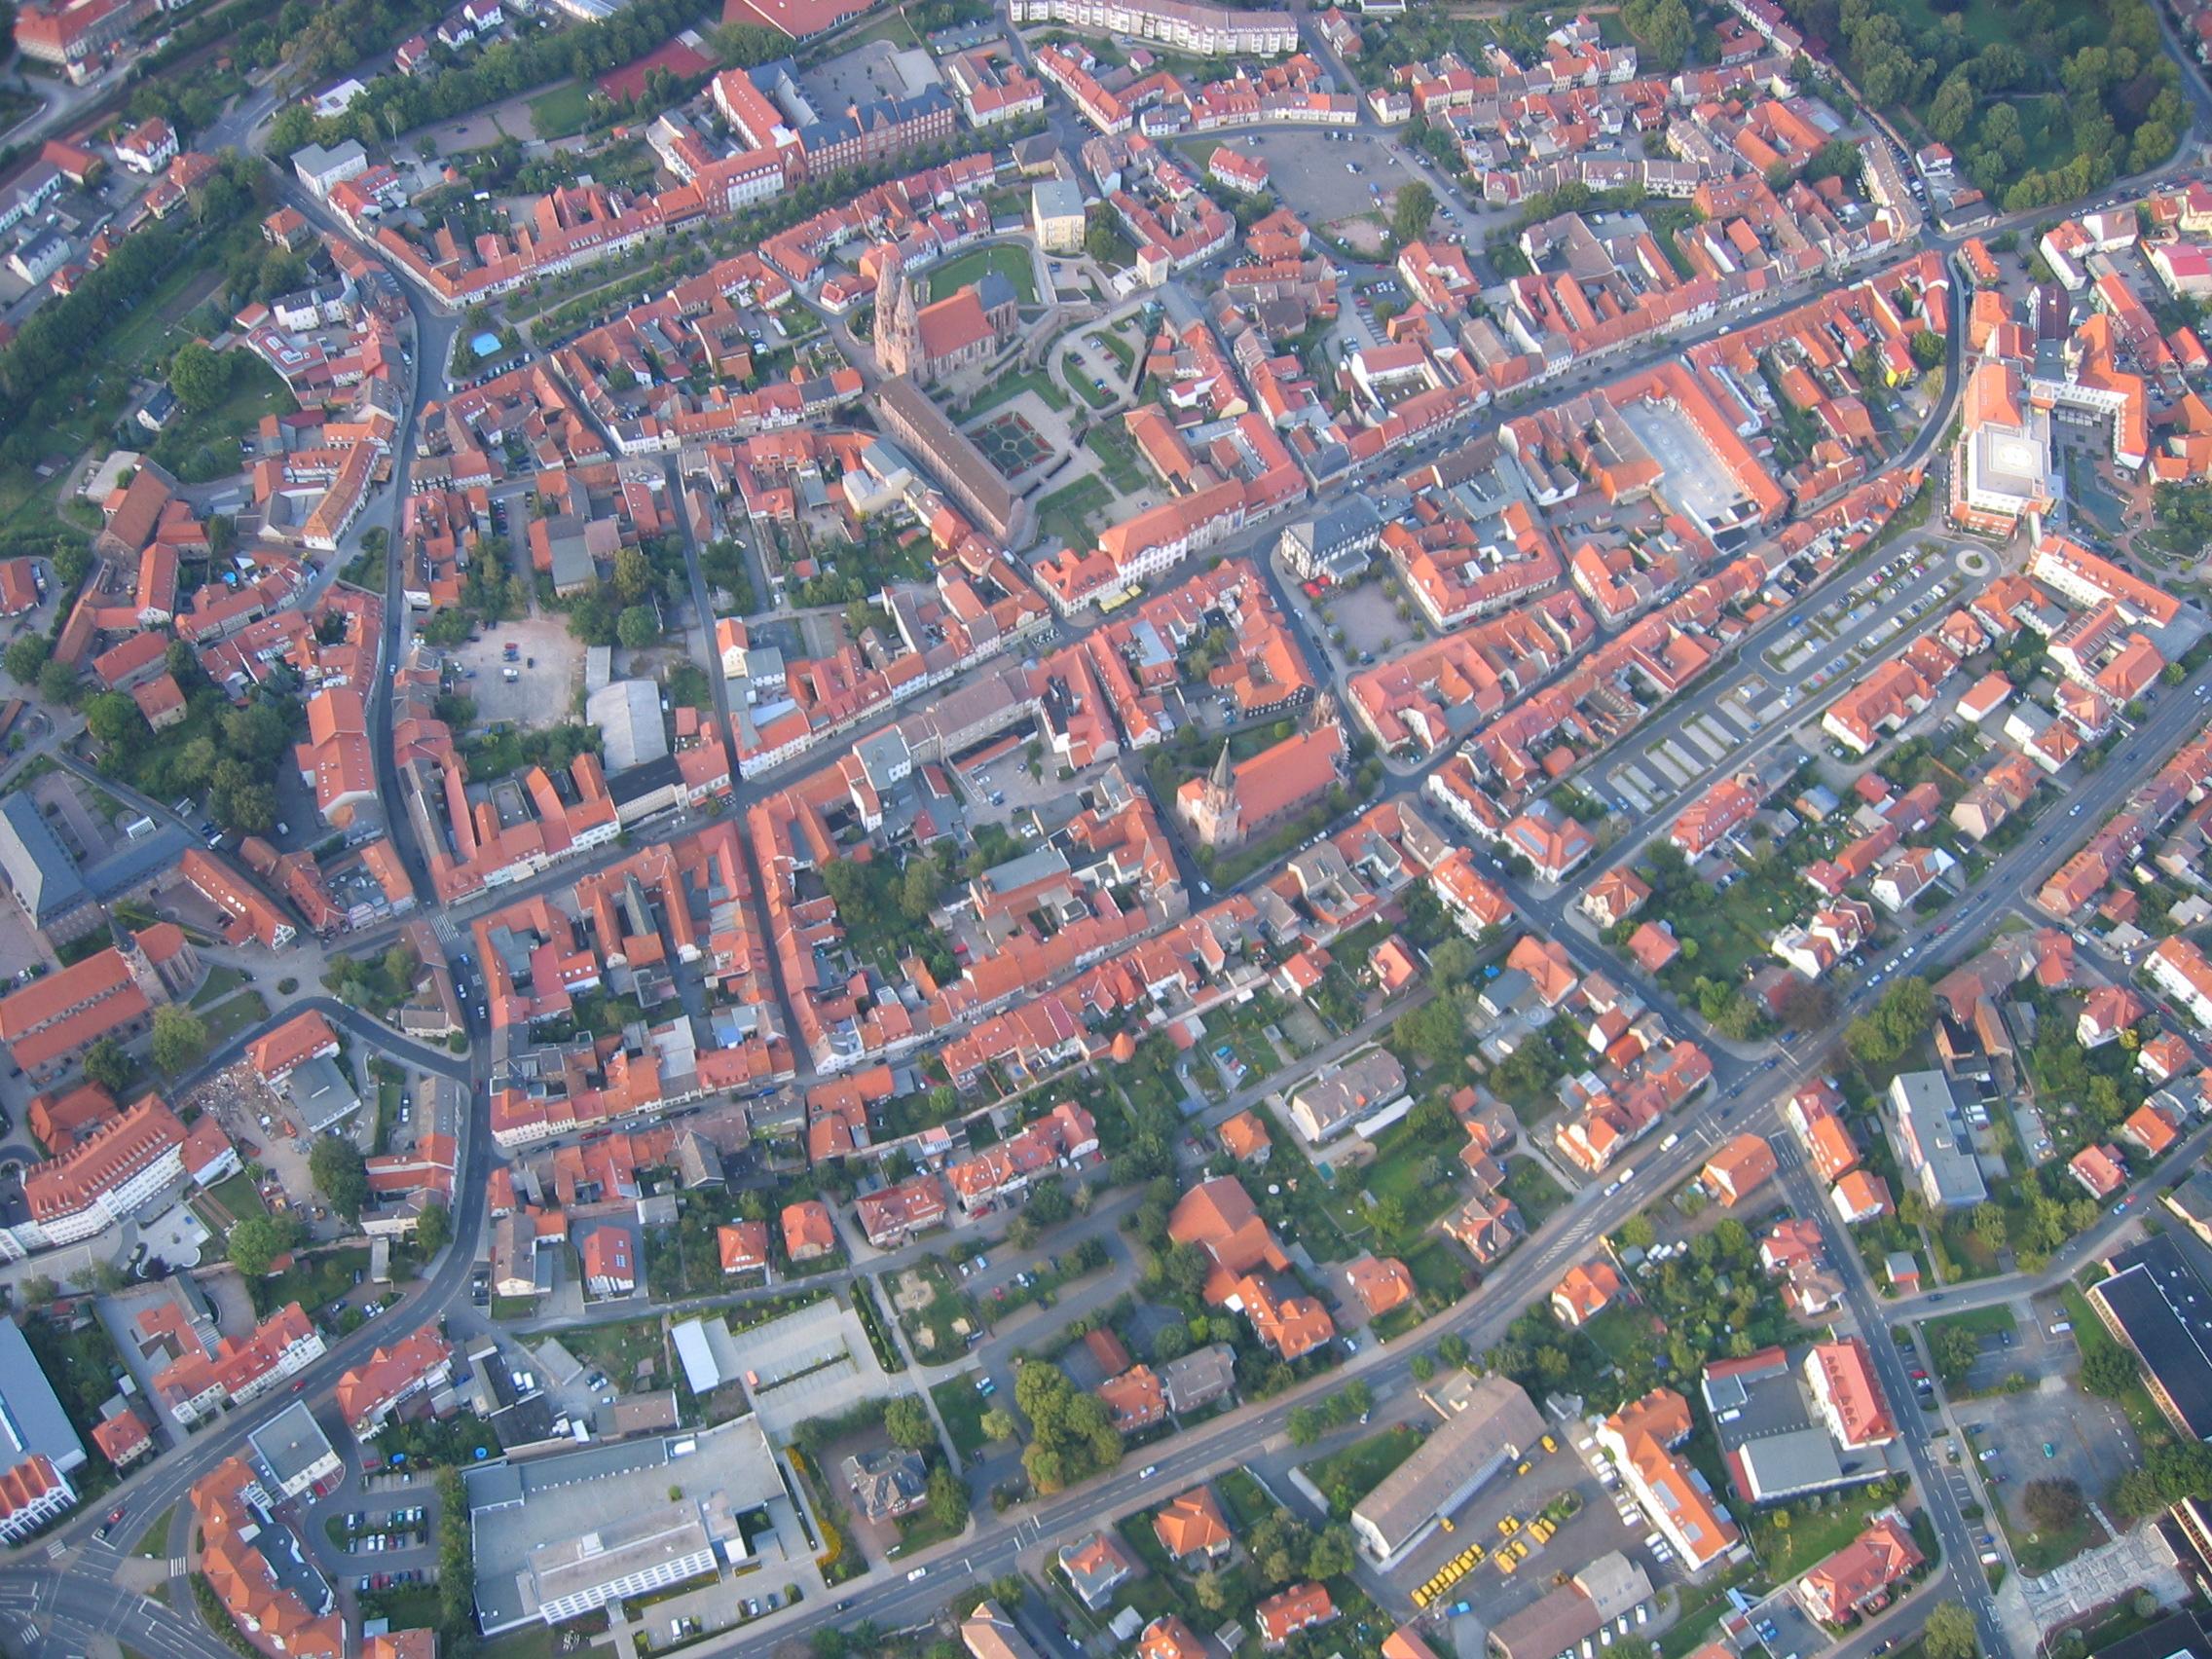 Zentrum Heilbad Heiligenstadt